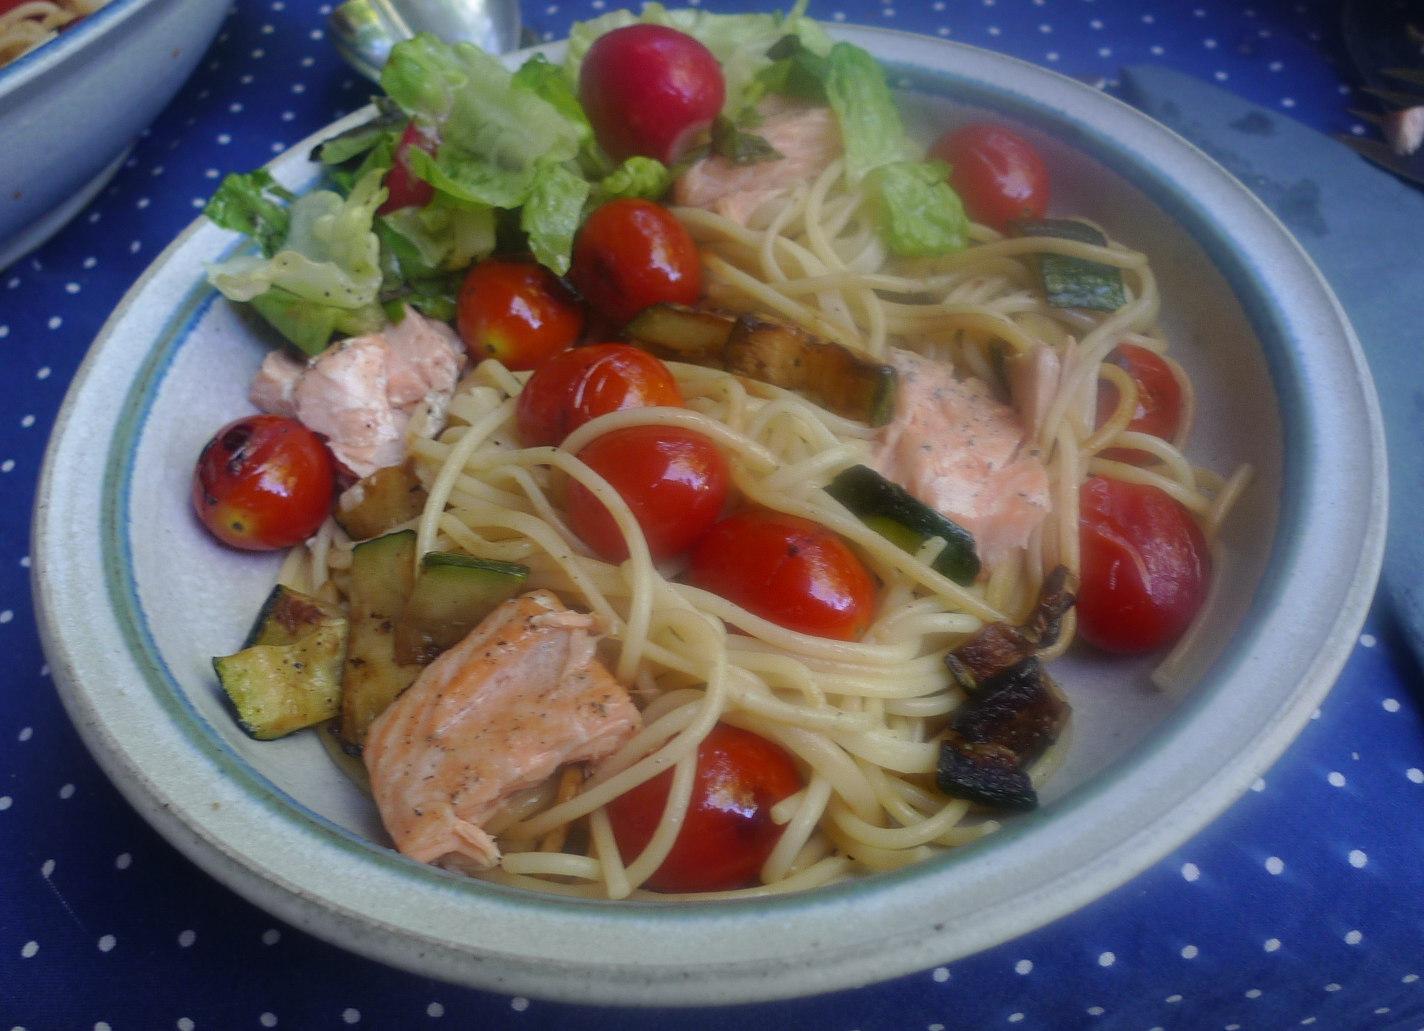 Lachs,Nudeln,Zucchini,Dessert (9) - Kopie